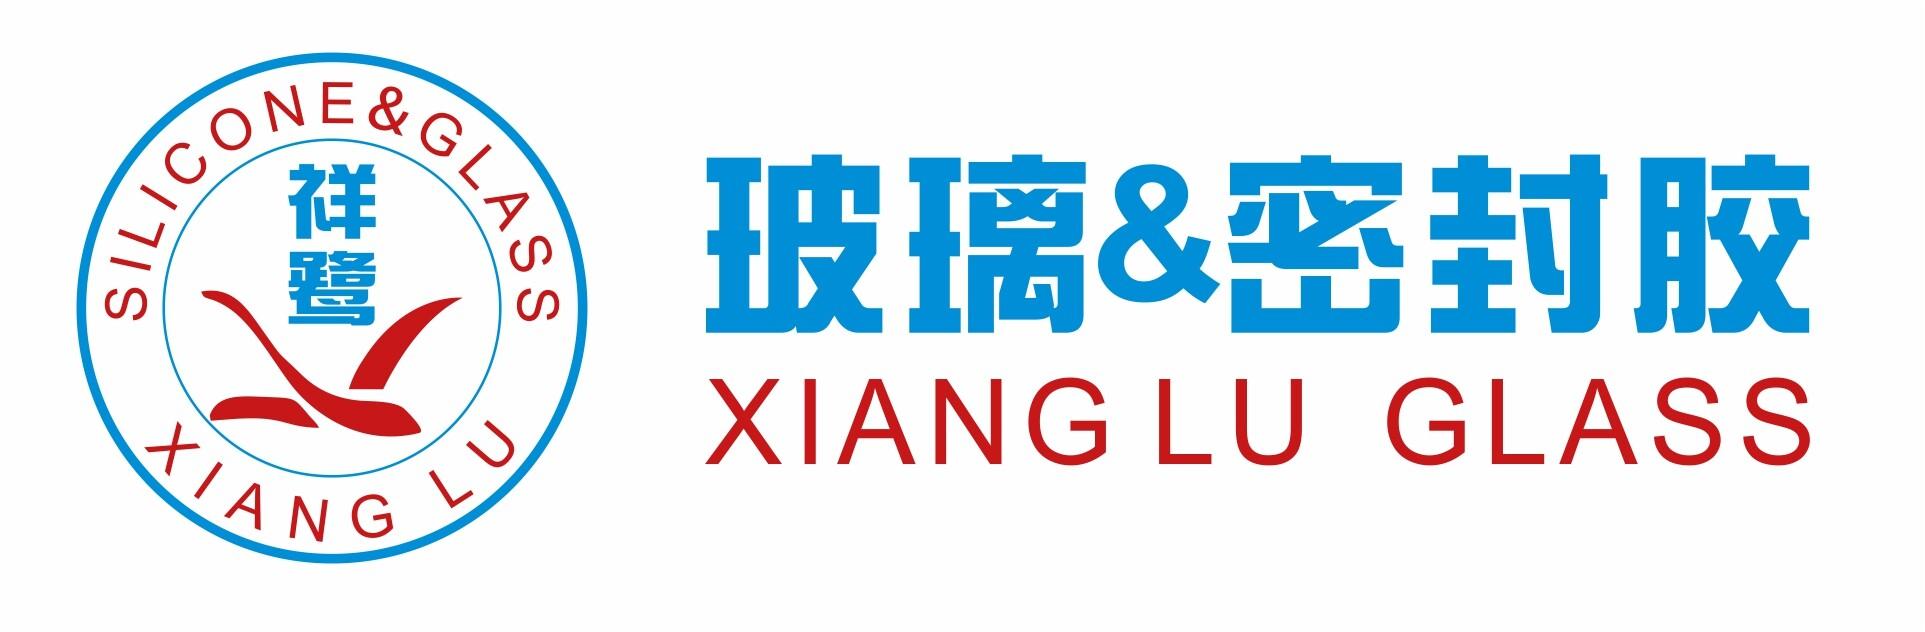 广州祥鹭玻璃技术有限公司